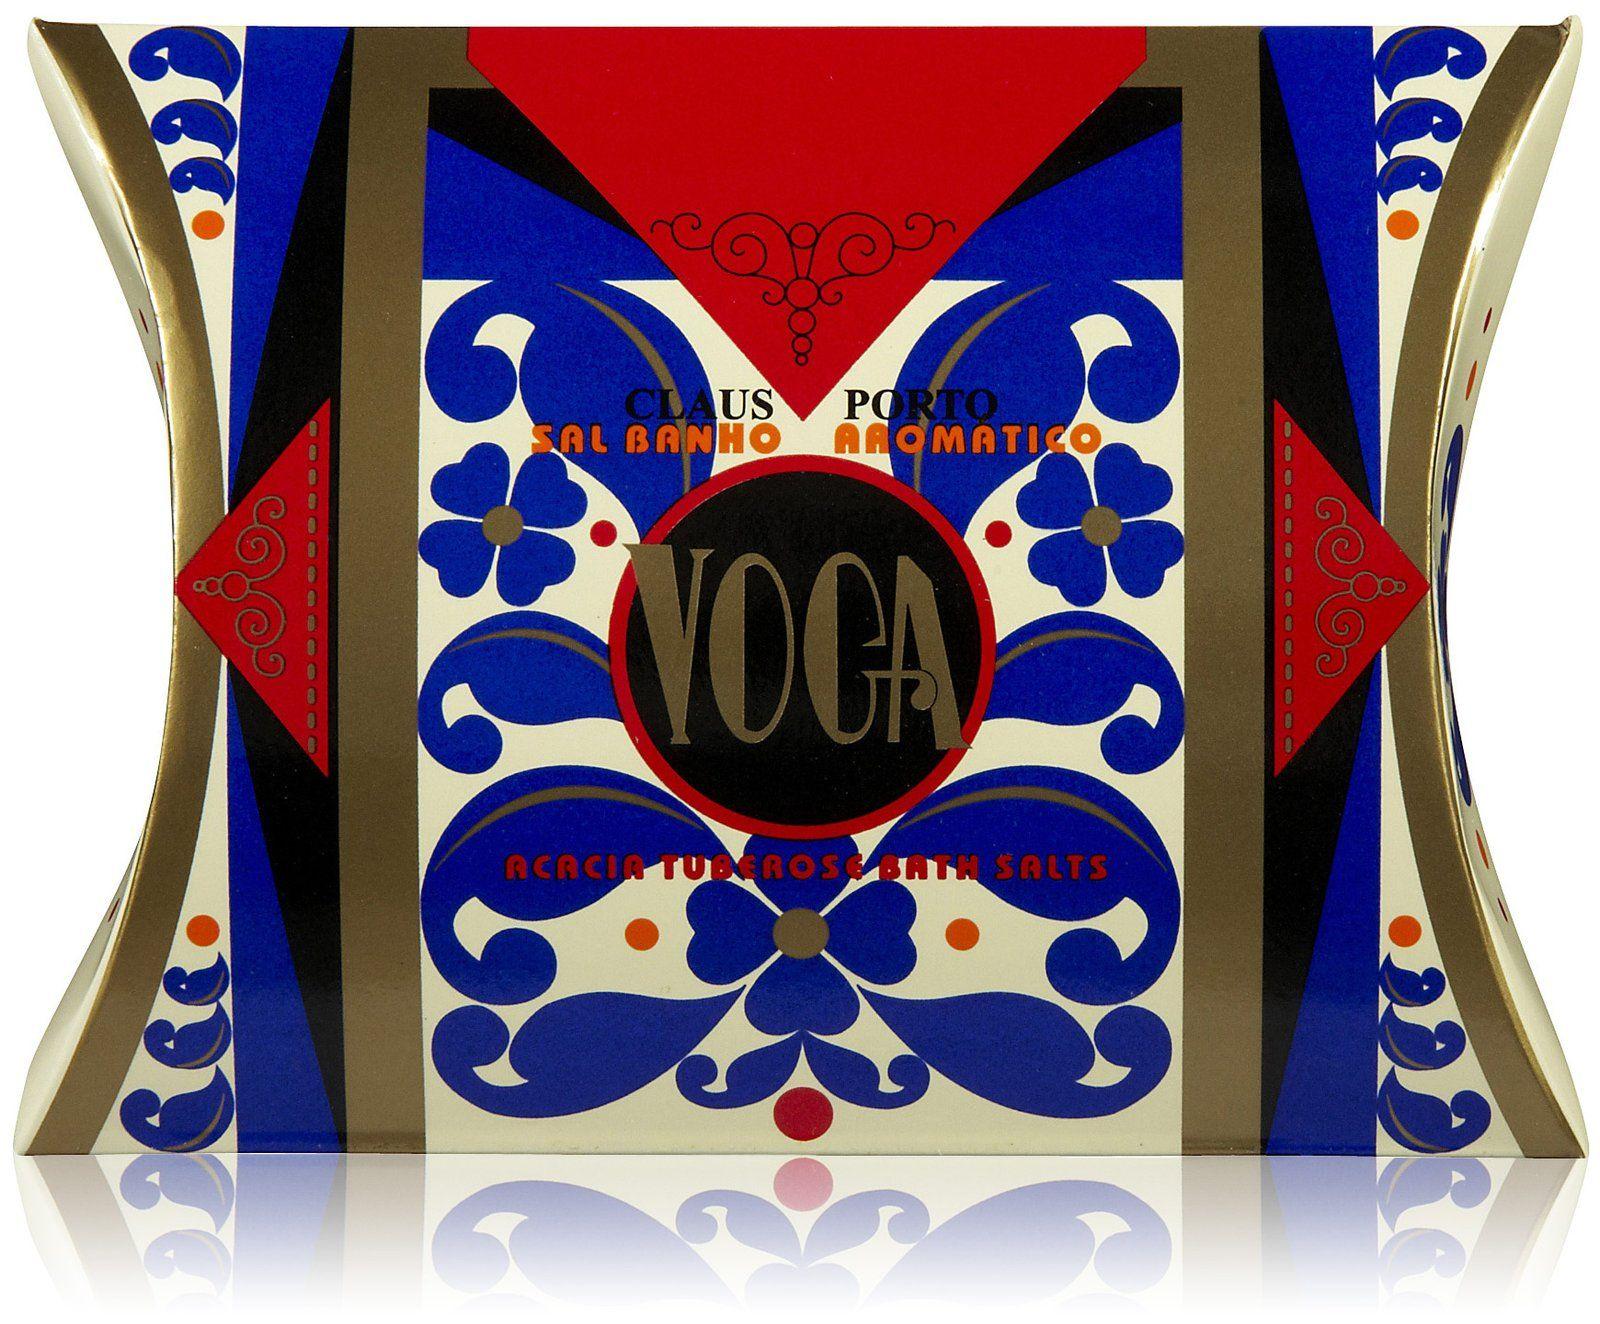 Claus Porto Deco Collection Voga - Acacia Tuberose Bath Salts